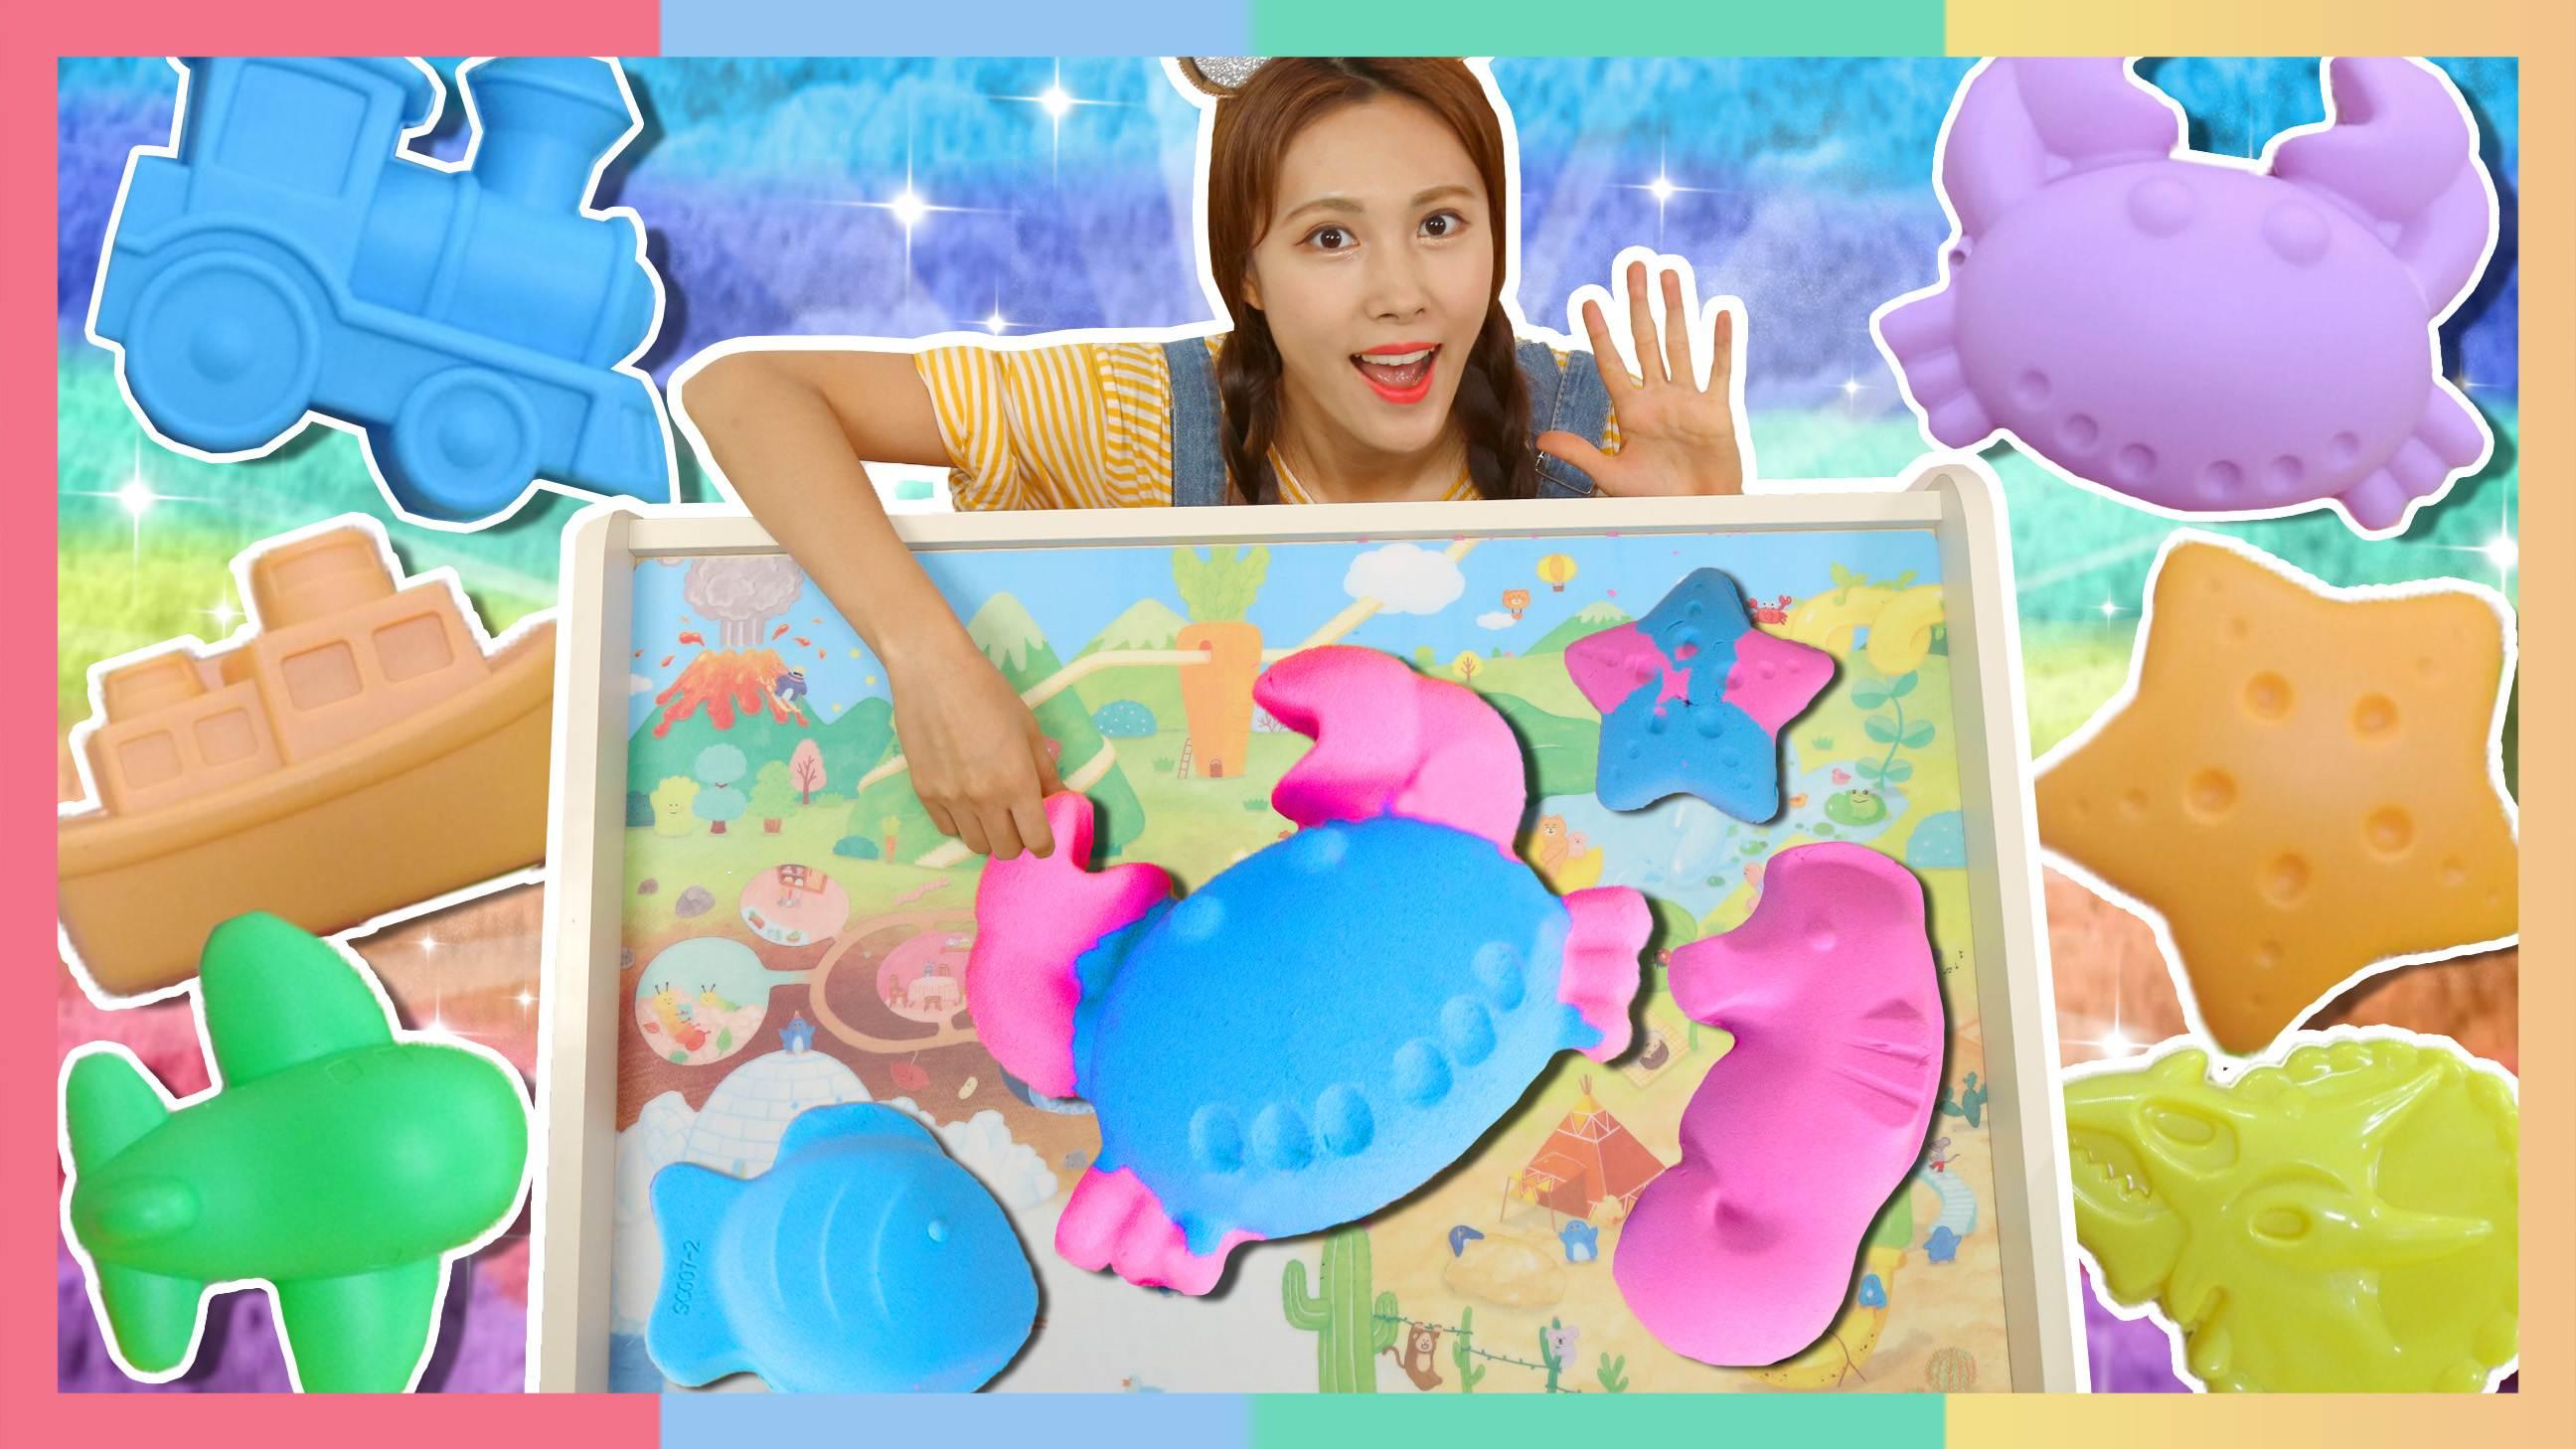 沙子怪物奇妙乐园!装扮自己的玩具城吧 | 凯利和玩具朋友们 CarrieAndToys